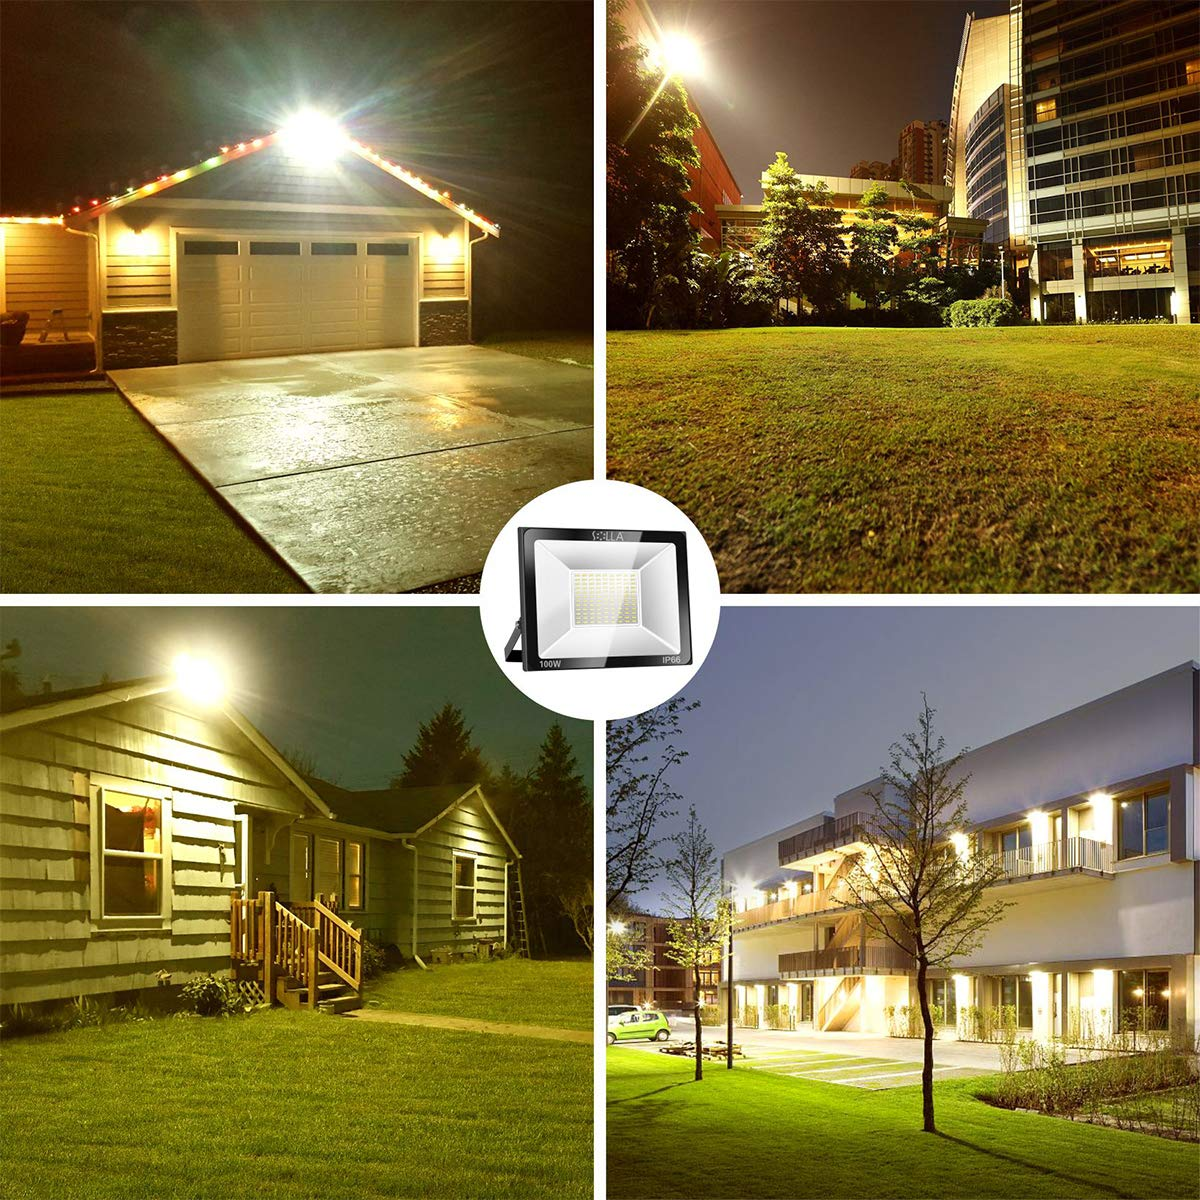 Foco LED 100W IP66 Luz de Seguridad Exterior Impermeable, 8000LM, Blanco Cálido 3000K, Foco Exterior de Pared para Patio, Garaje, Almacén, Parking, Jardín, Carreteras, Calles, Plazas, etc.: Amazon.es: Iluminación